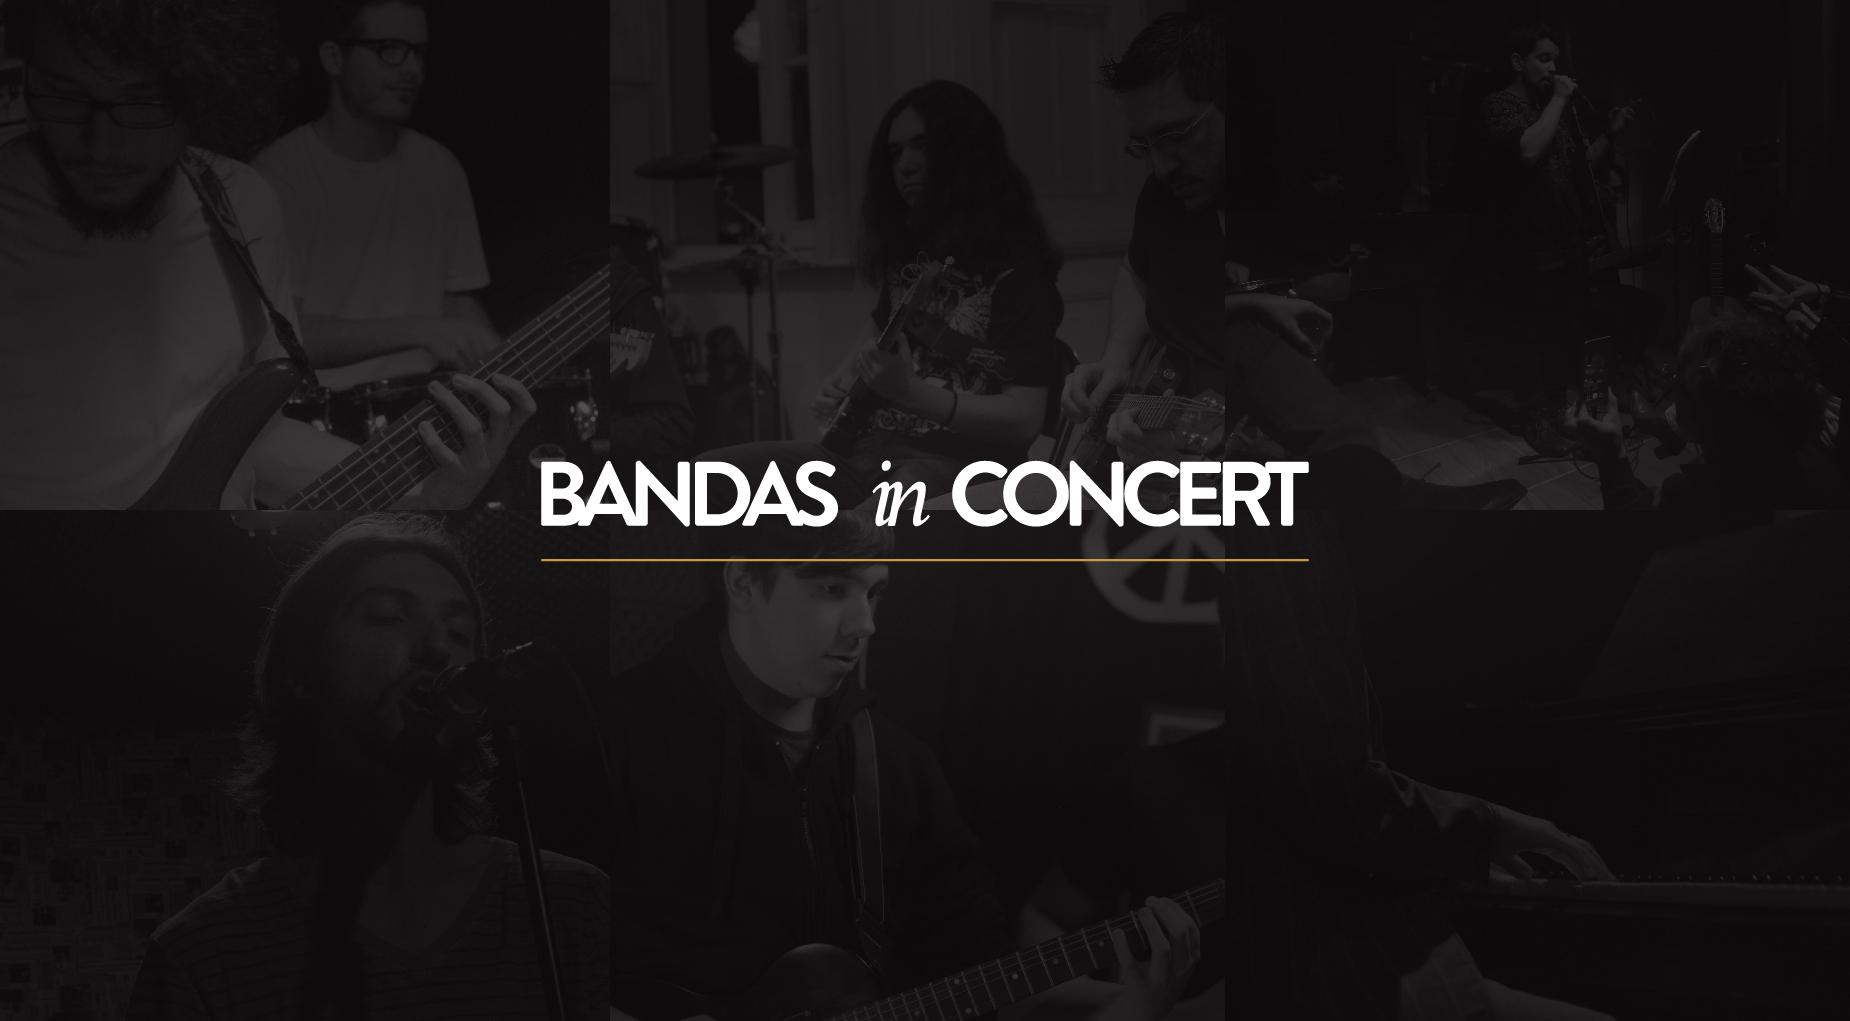 29/09 - bandas in concert: agenda cordas